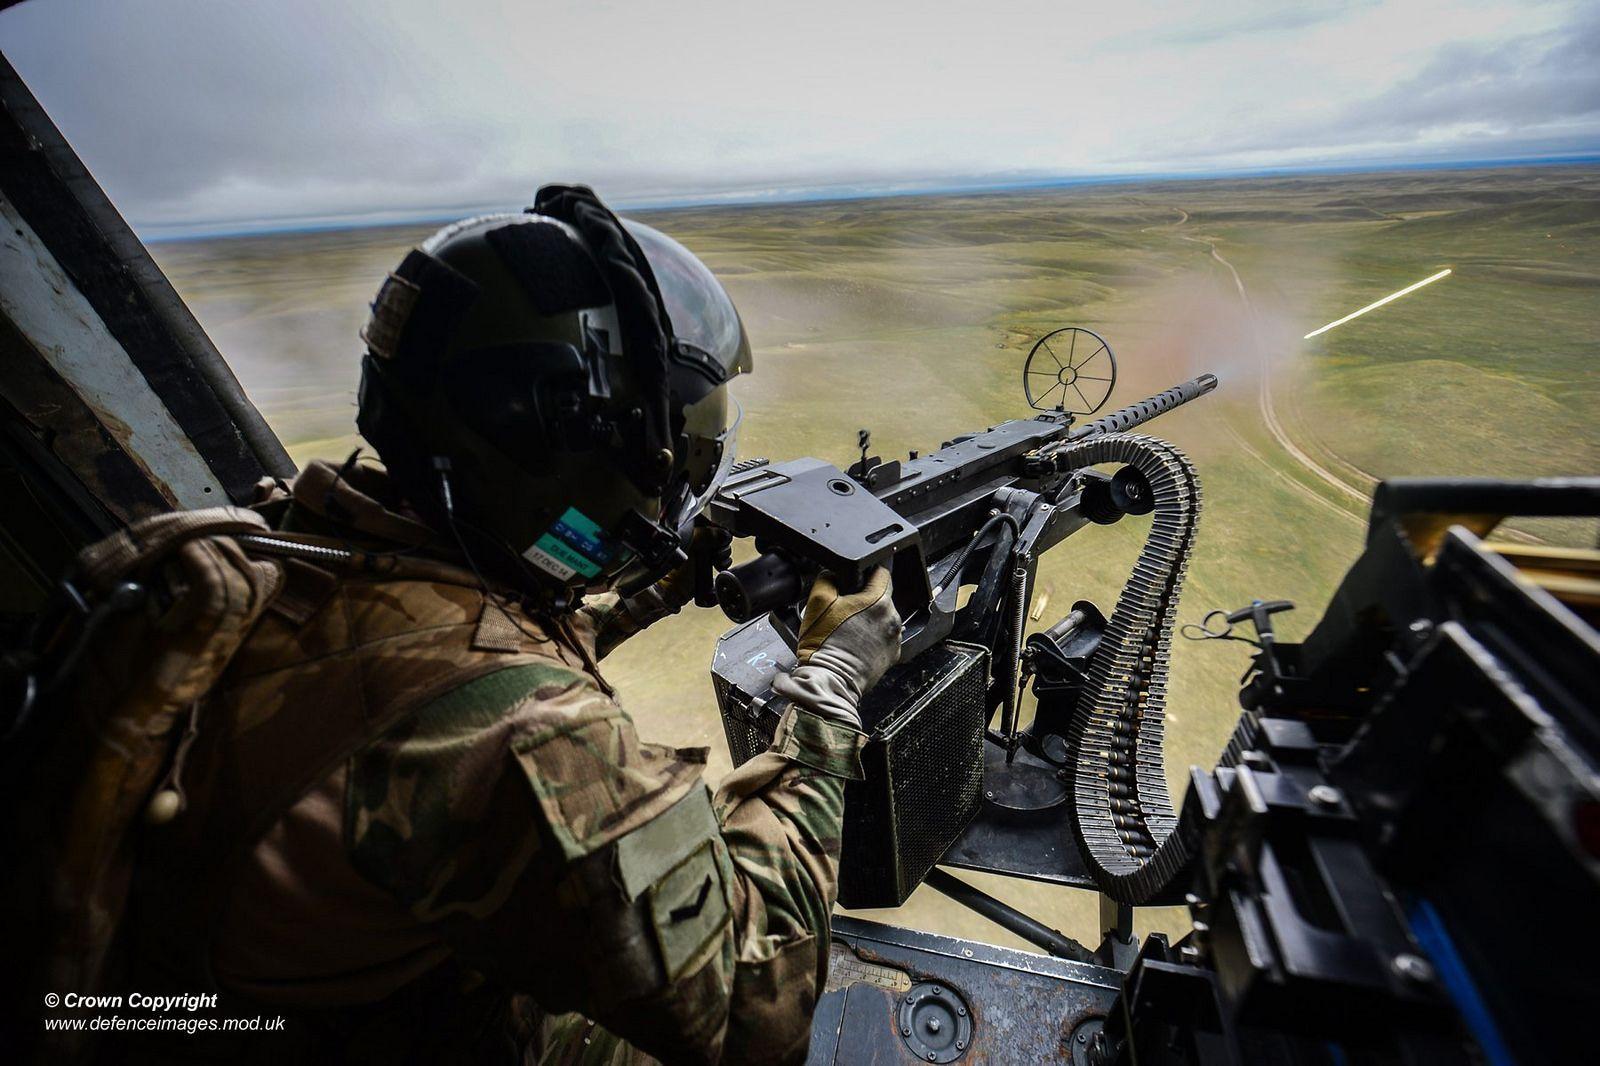 U.S. Army Aviation Regiment • M240H Machine Gun • Live Fire